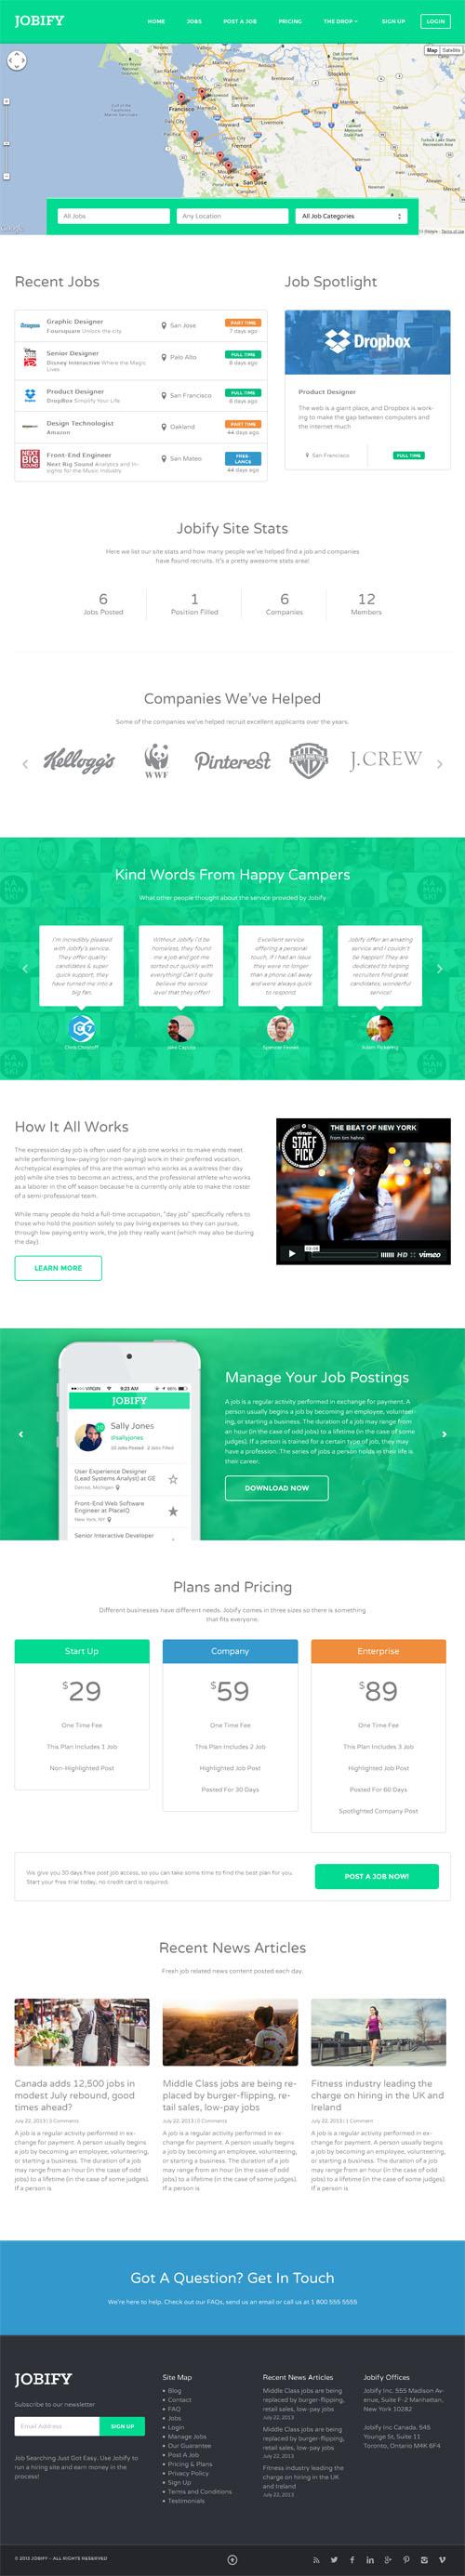 mobile ready job board wordpress theme